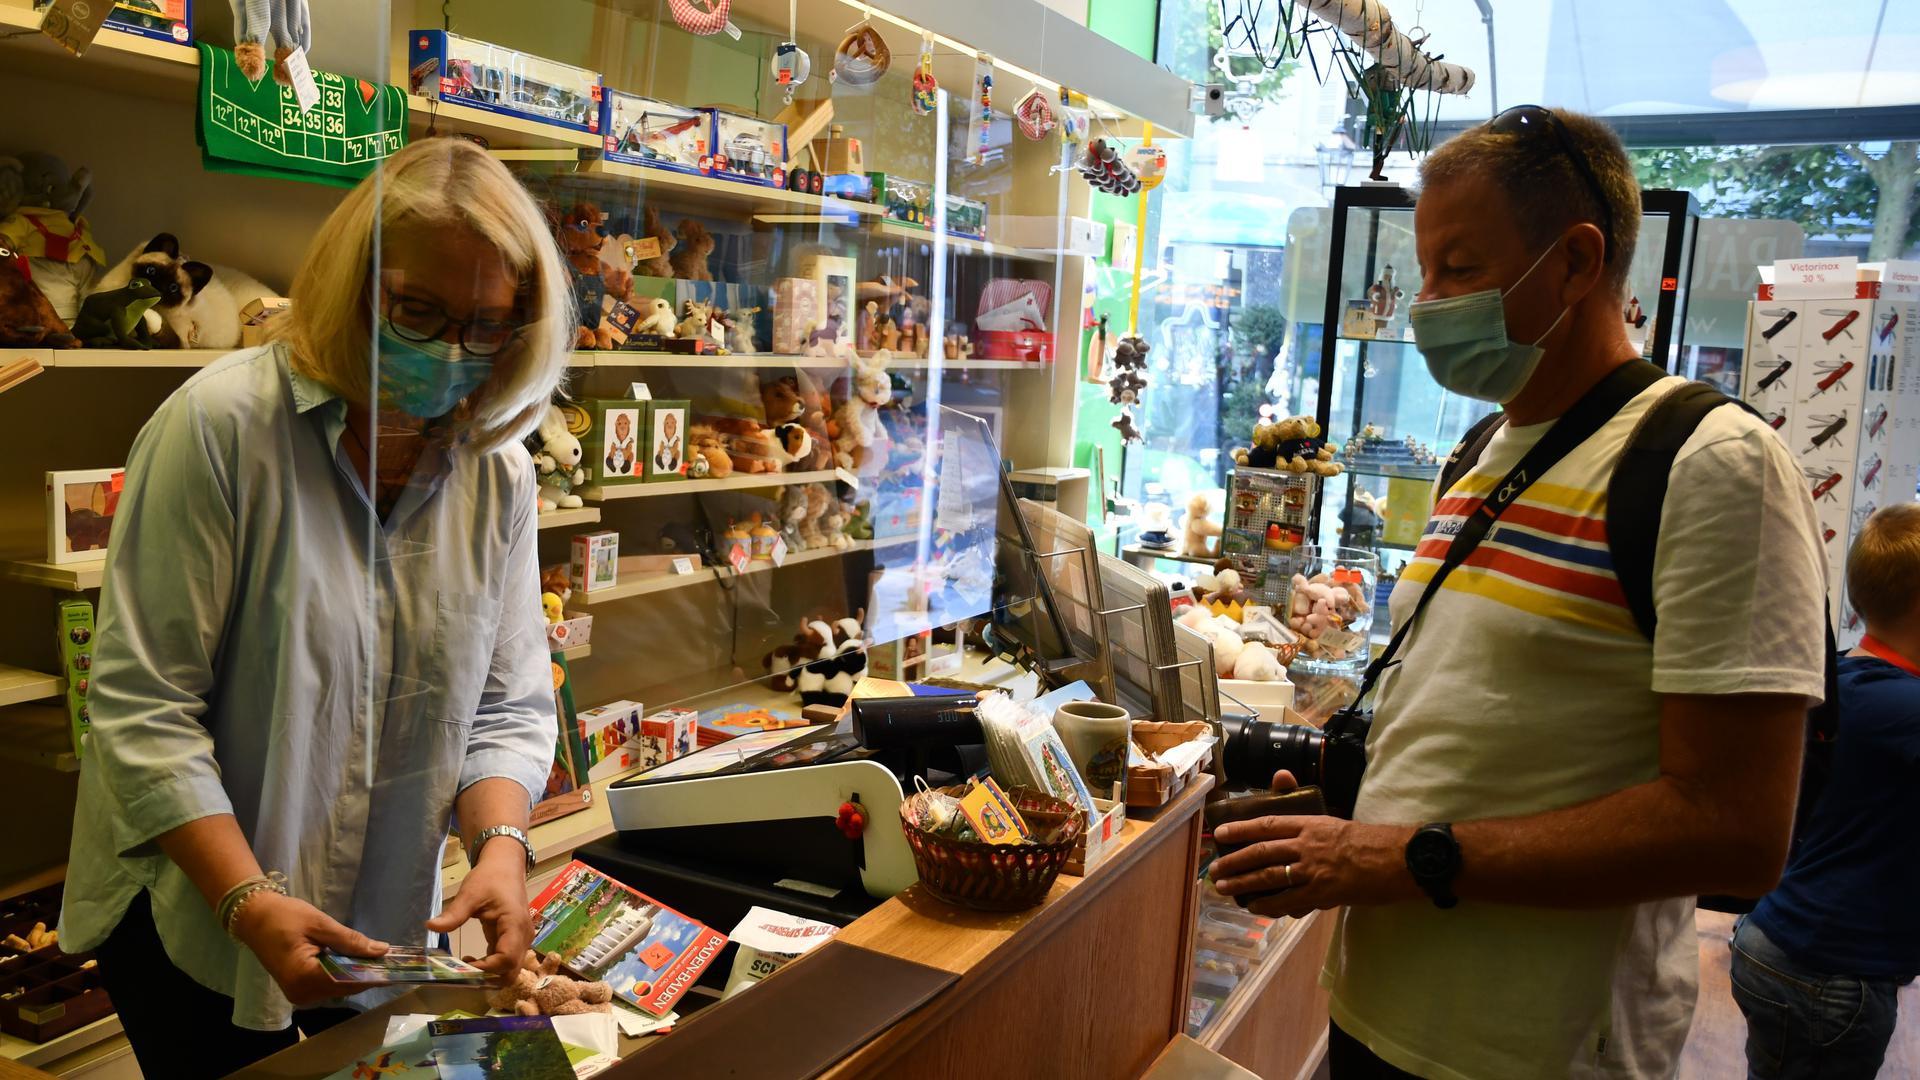 Ein Tourist mit Kamera um den Hals zückt seinen Geldbeutel. Die Verkäuferin wickelt seine Einkäufe ein.